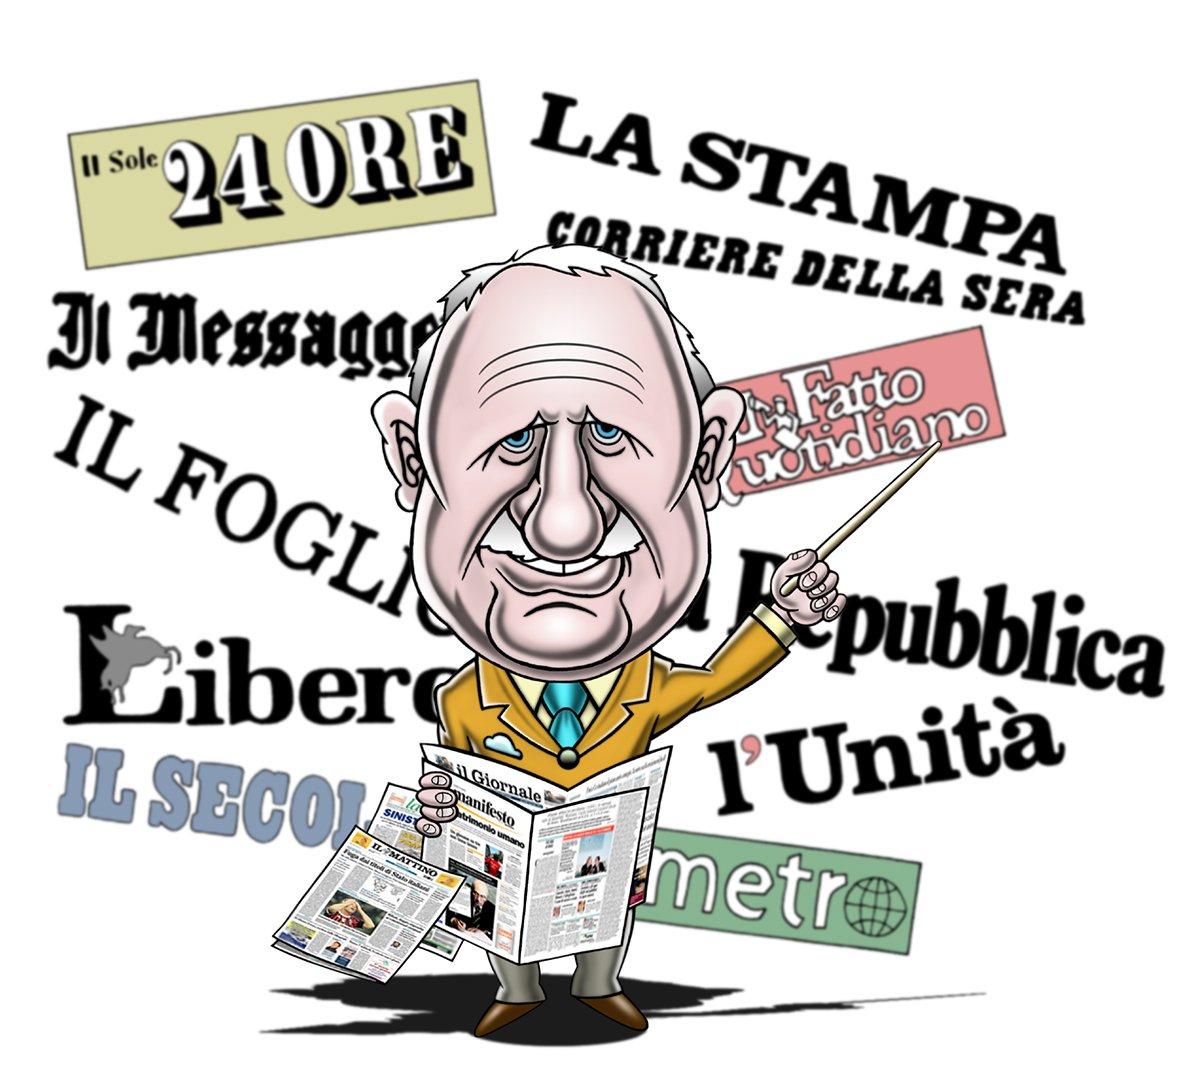 Rassegna Stampa - cartello per la Televisione- Trecca